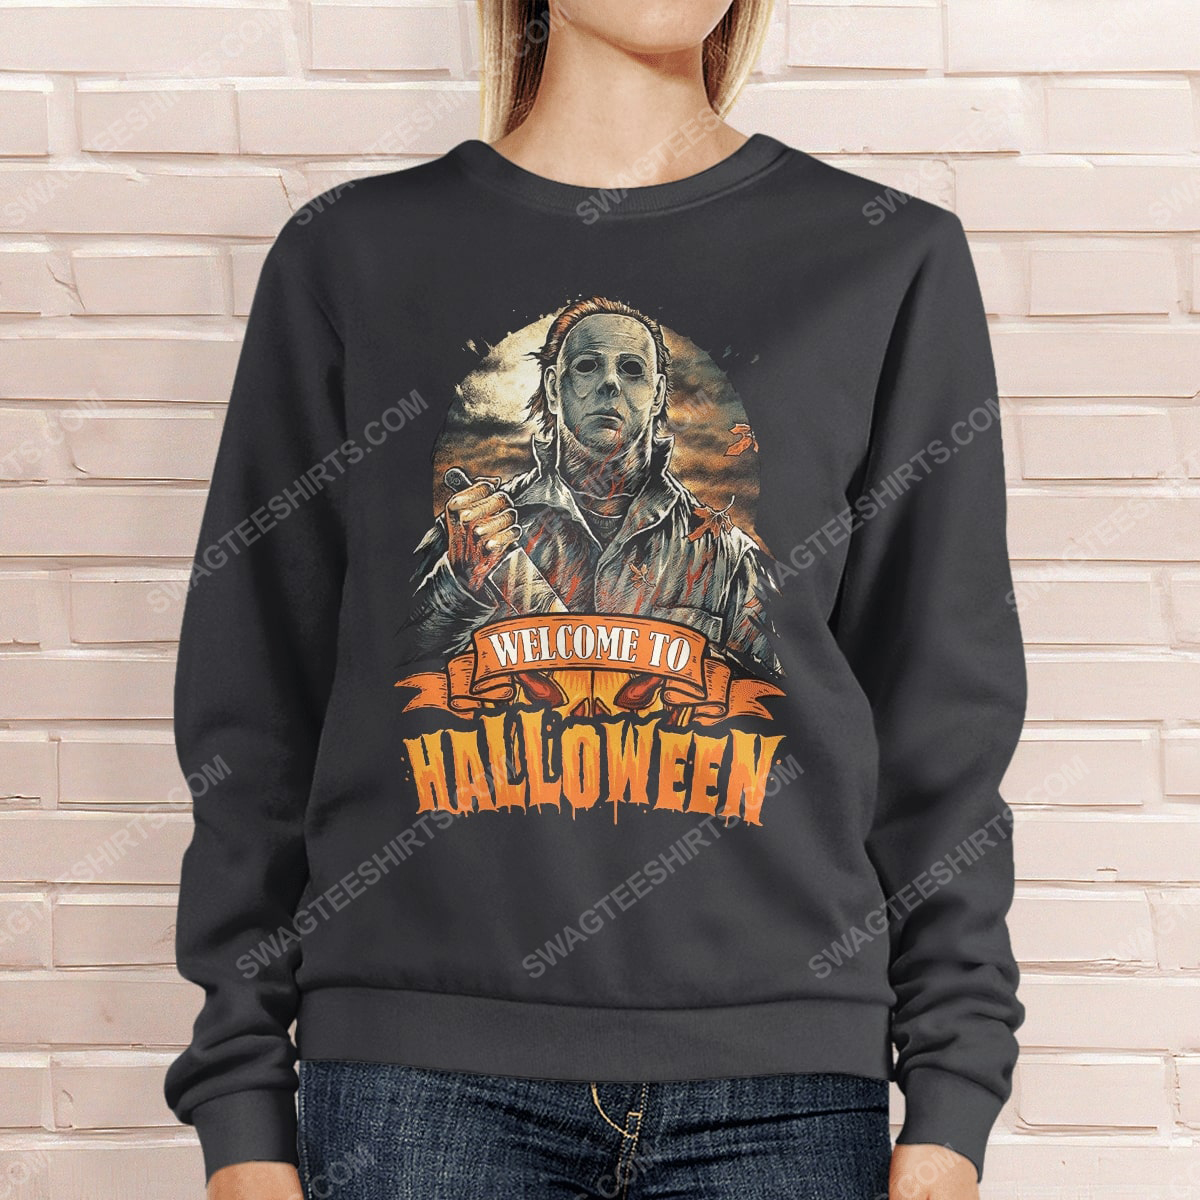 Vintage michael myers welcome to halloween sweatshirt 1(1)